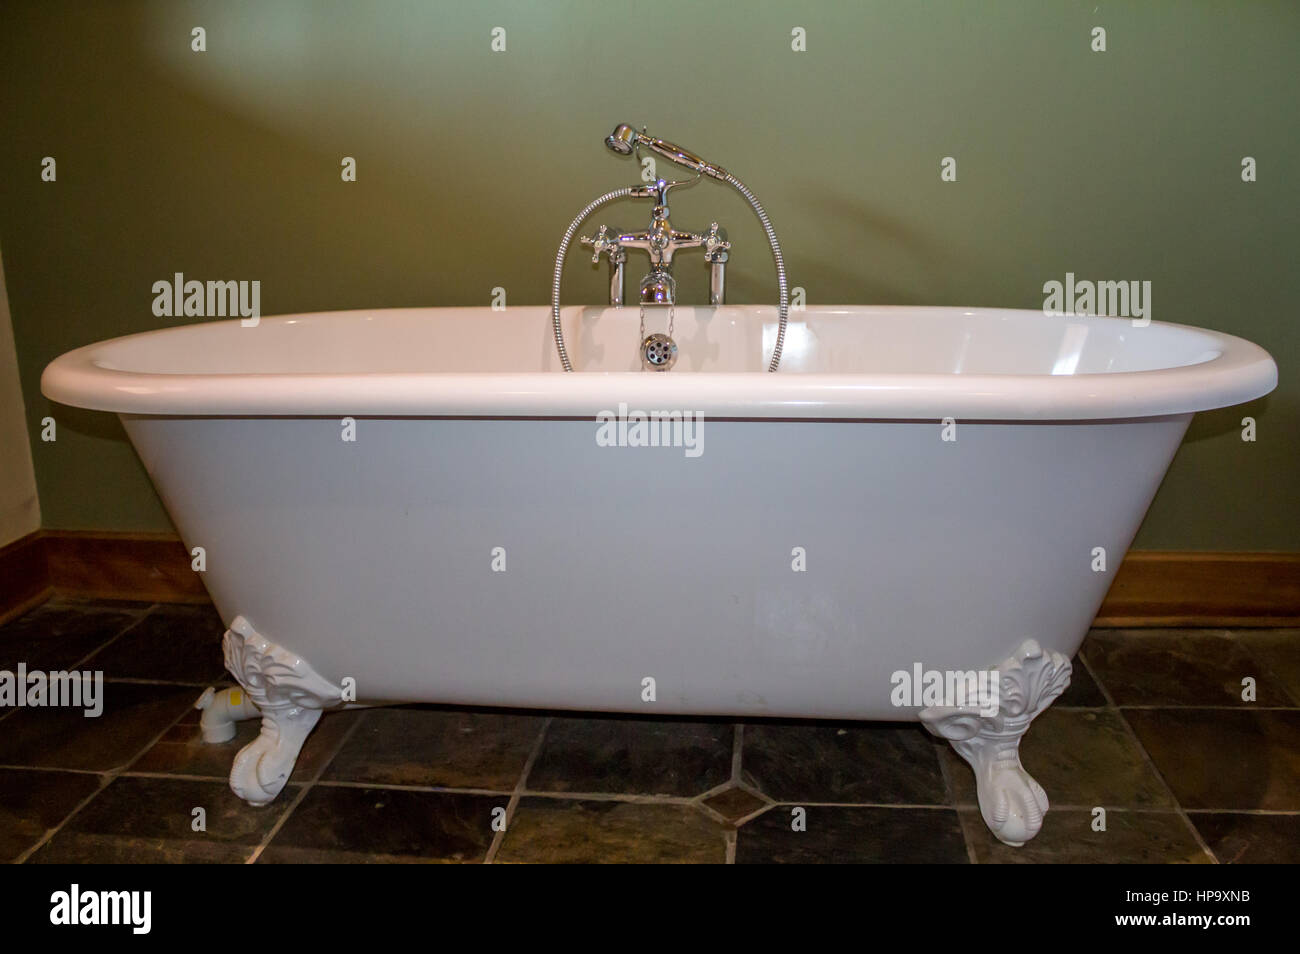 Vasca Da Bagno Espanol : Tipo vintage footed white vasca da bagno in verde oliva bagno con